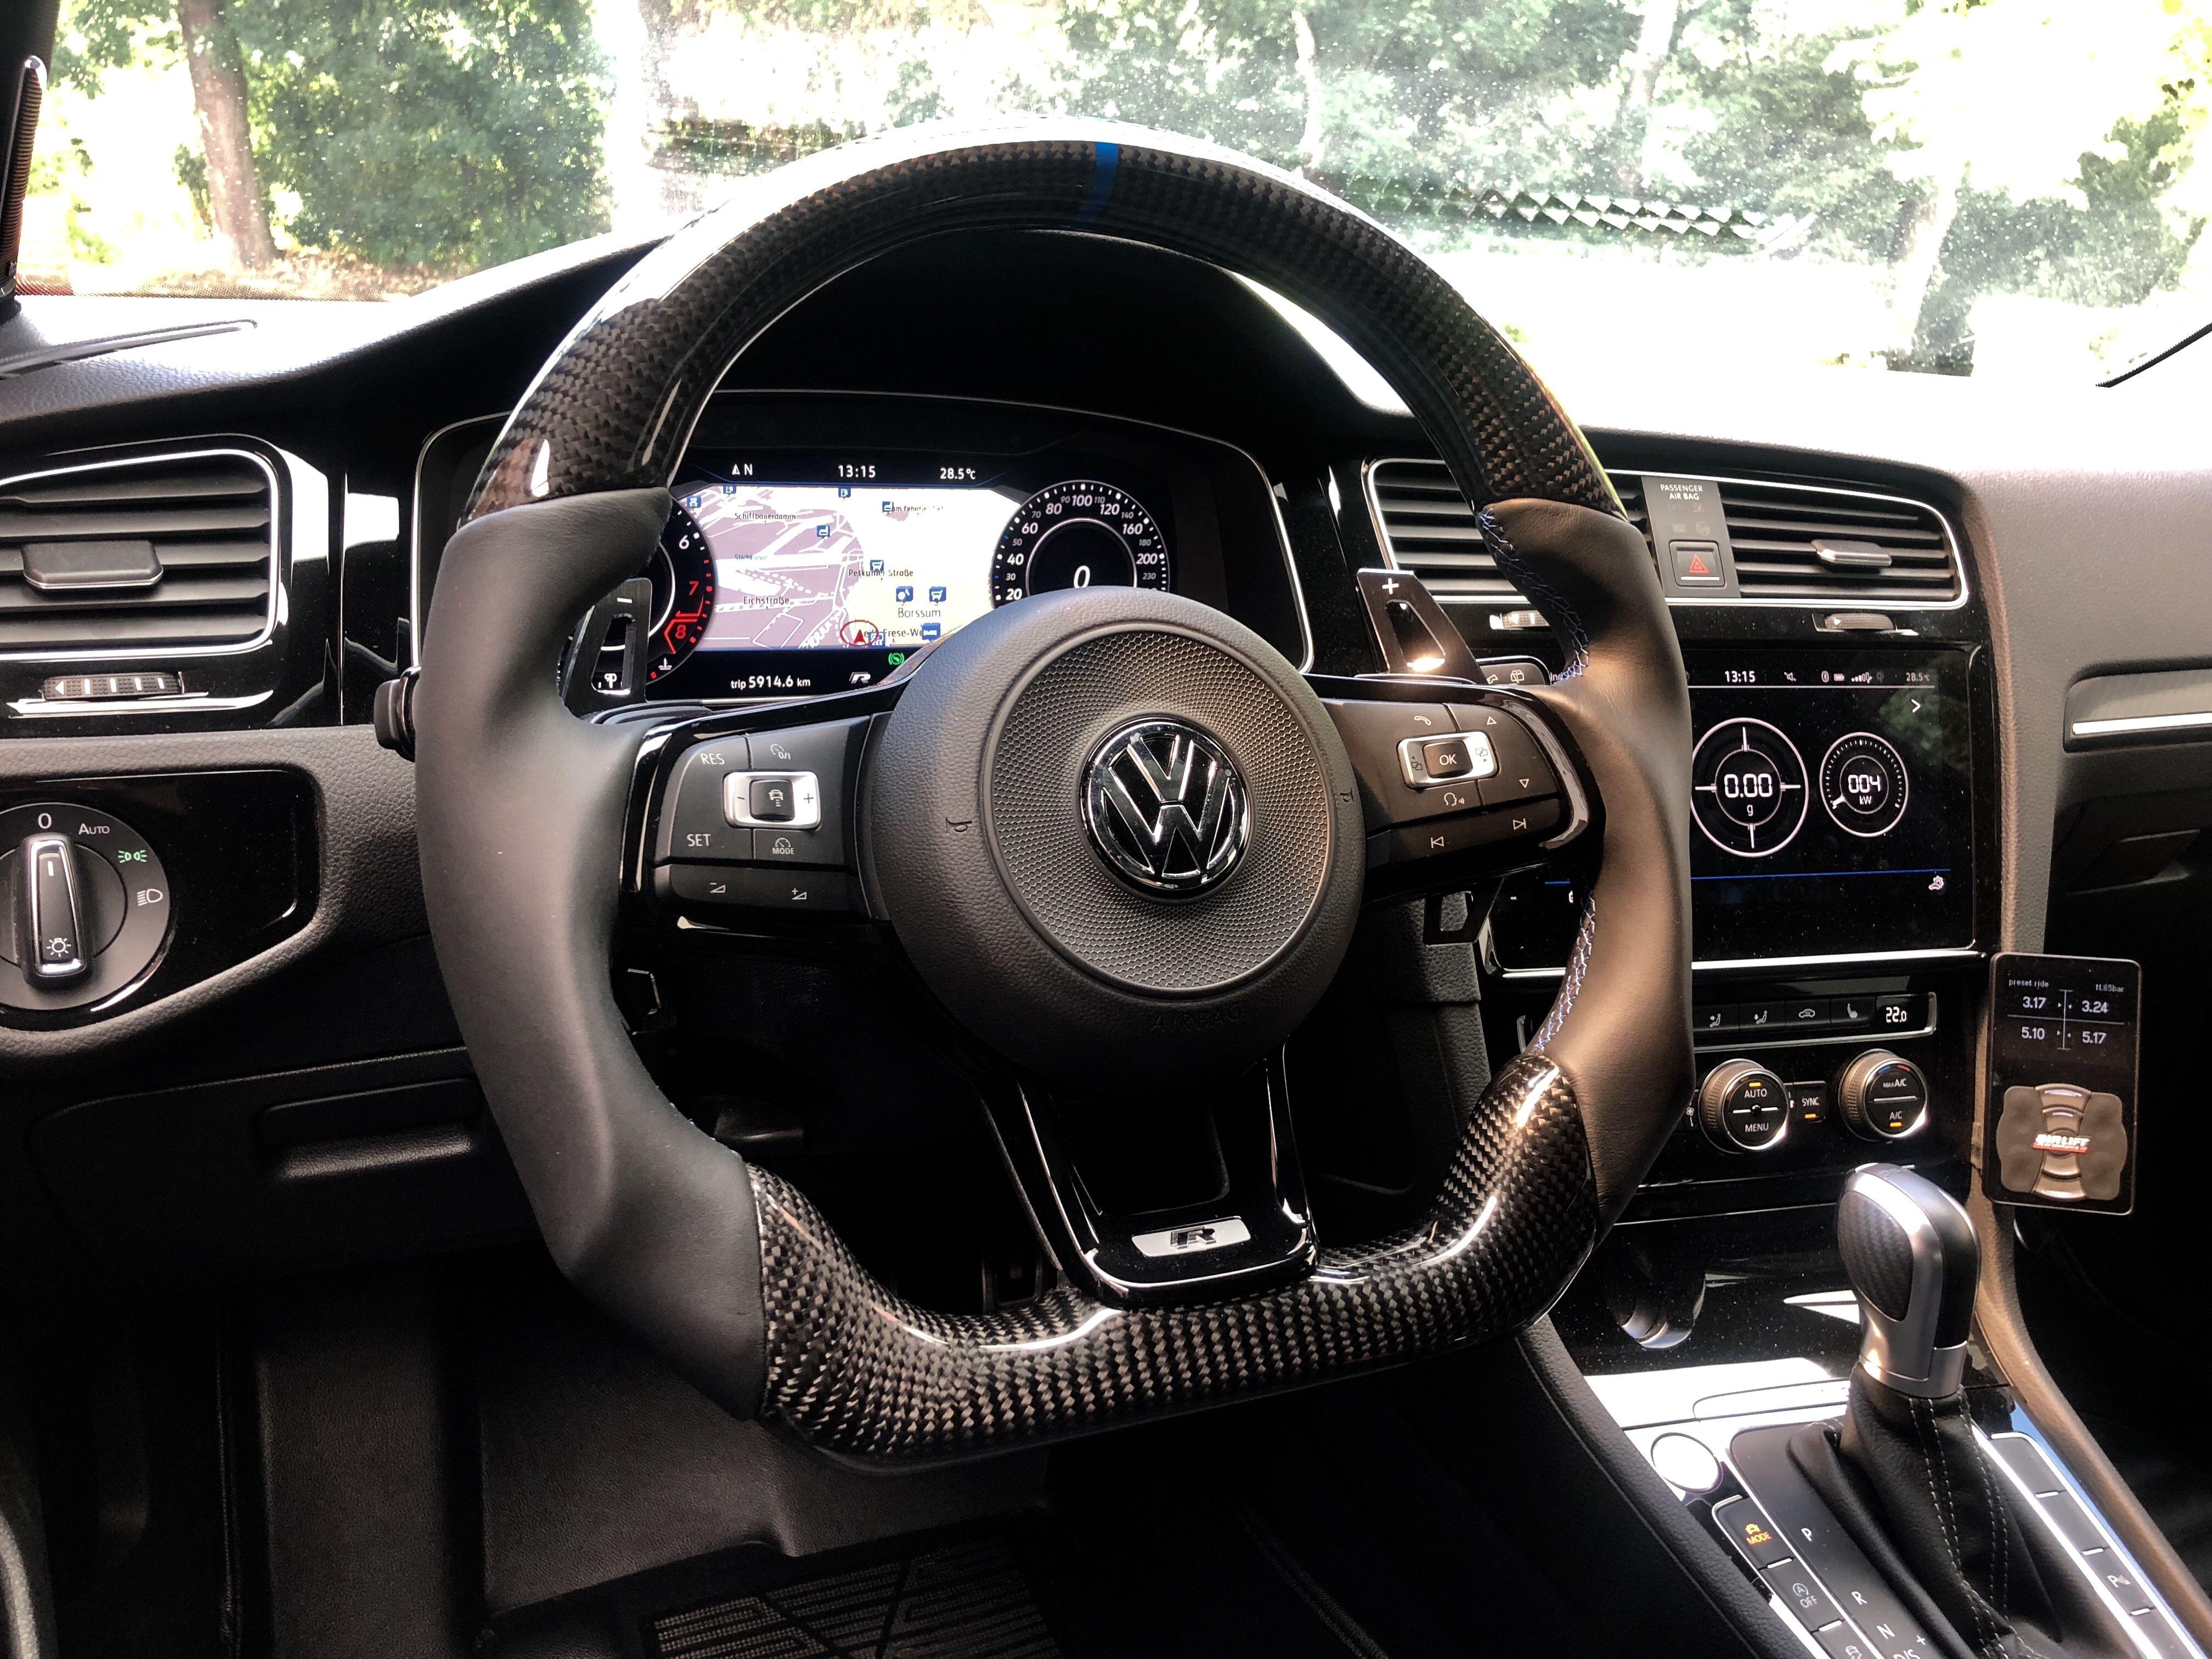 Control Custom Steering Wheel Ltd Steering Wheel Wheel Super Cars